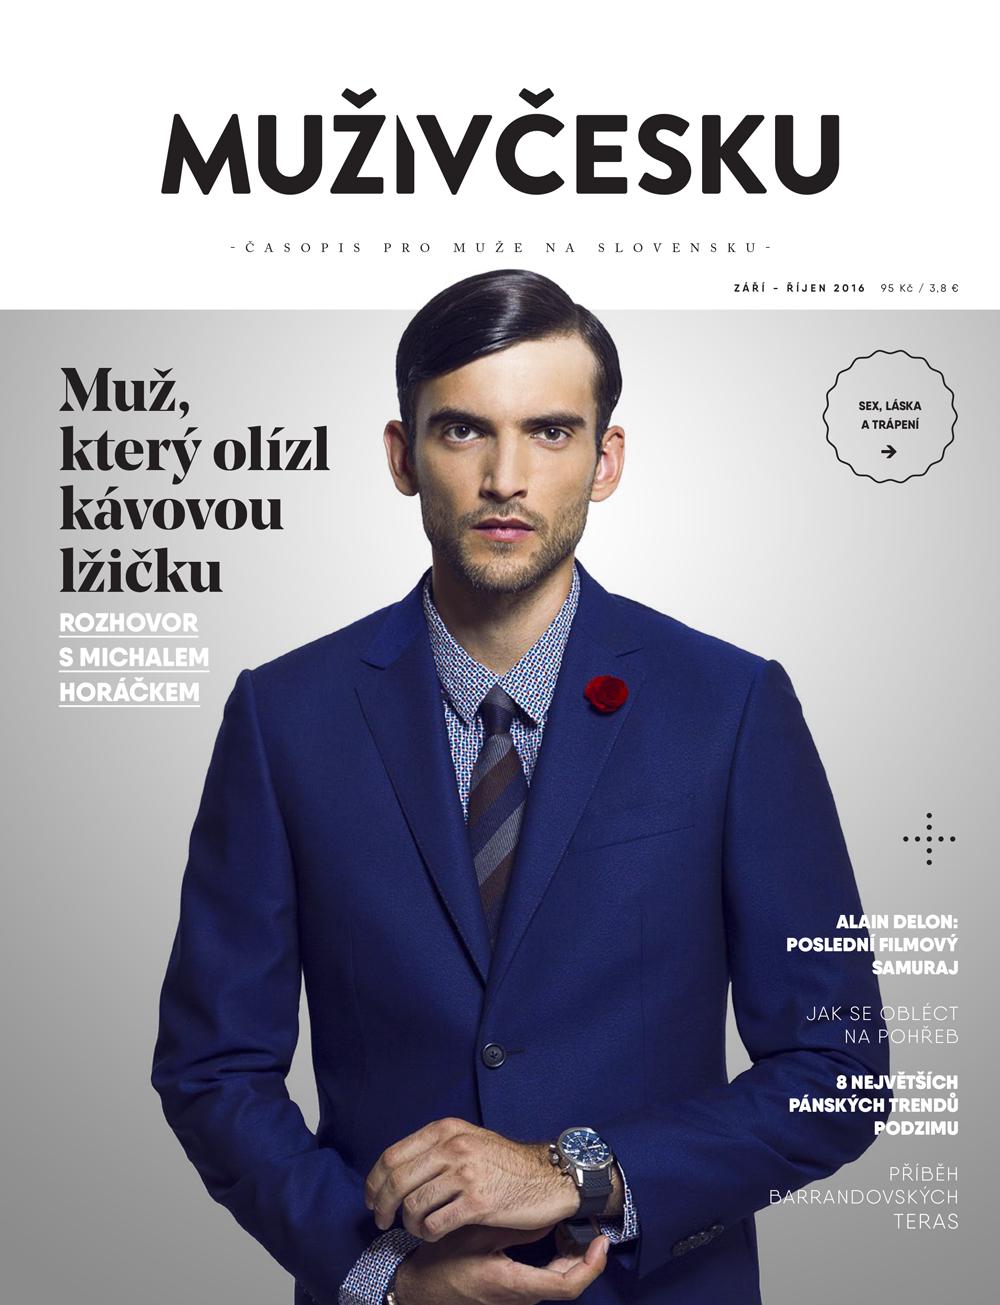 Obálka druhého tištěného vydání magazínu Muži v Česku